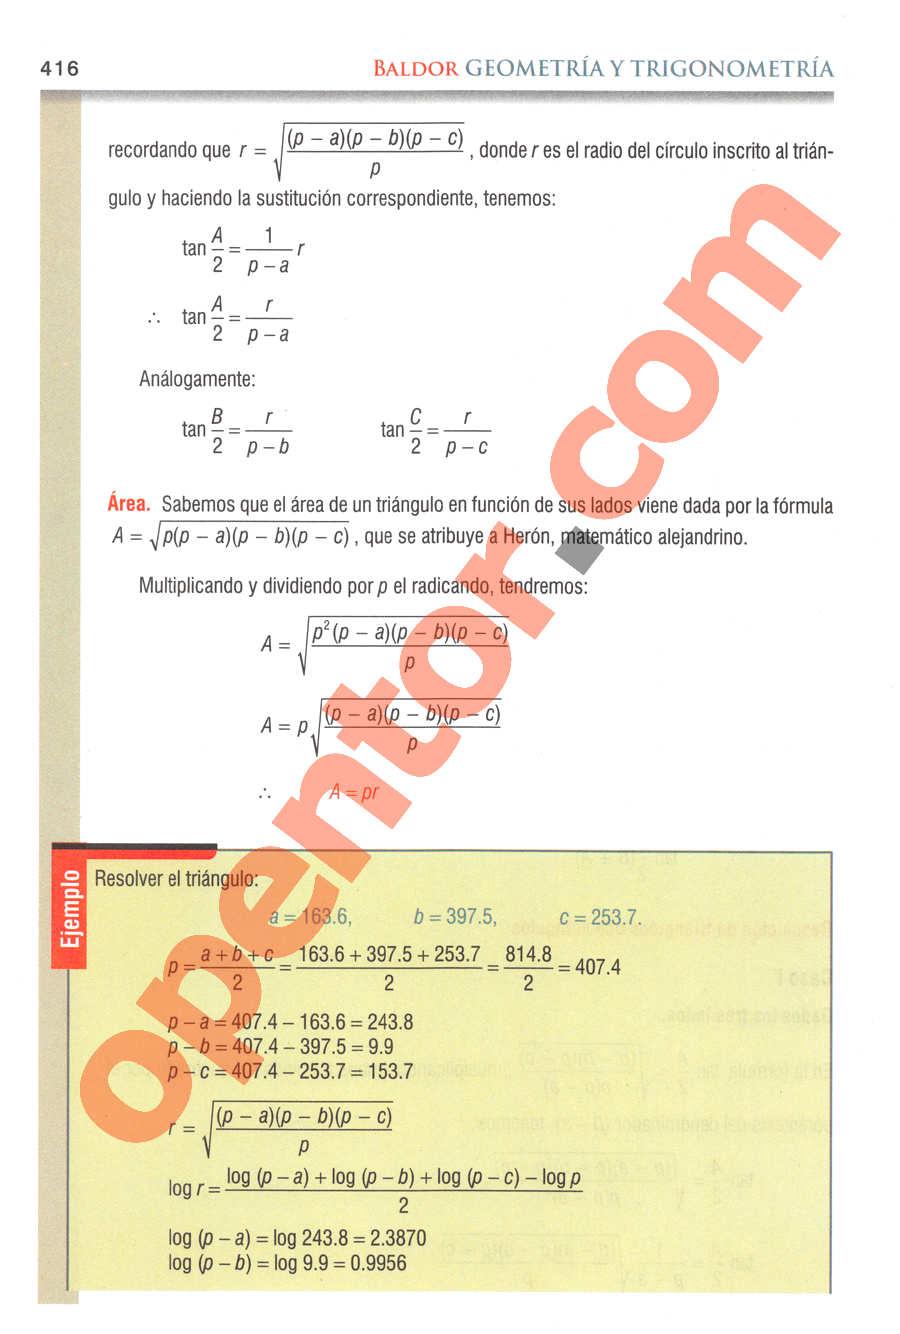 Geometría y Trigonometría de Baldor - Página 416